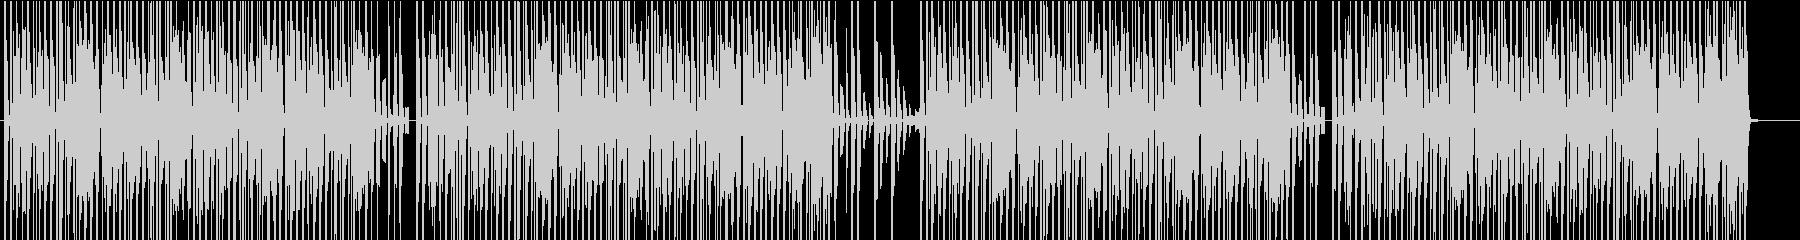 ファンク 劇的な レトロ 低音の未再生の波形